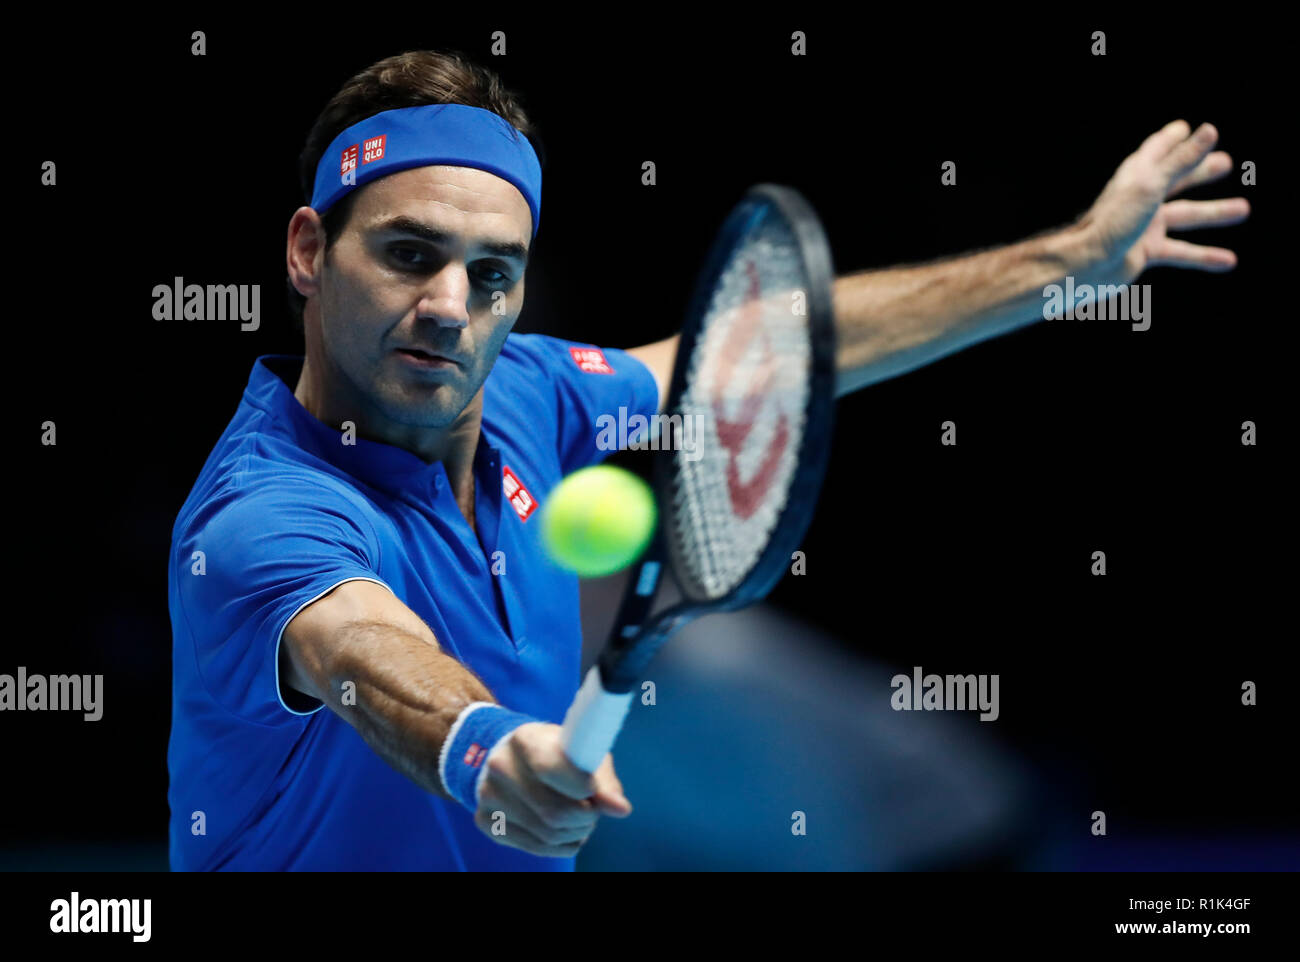 Londres, Reino Unido. 13 Nov, 2018. Roger Federer de Suiza compite durante el partido de dobles contra Dominic Thiem de Austria durante el día 3 de la Nitto 2018 ATP World Tour Finals en el O2 Arena en Londres, Gran Bretaña el 13 de noviembre de 2018. Crédito: Yan Han/Xinhua/Alamy Live News Foto de stock